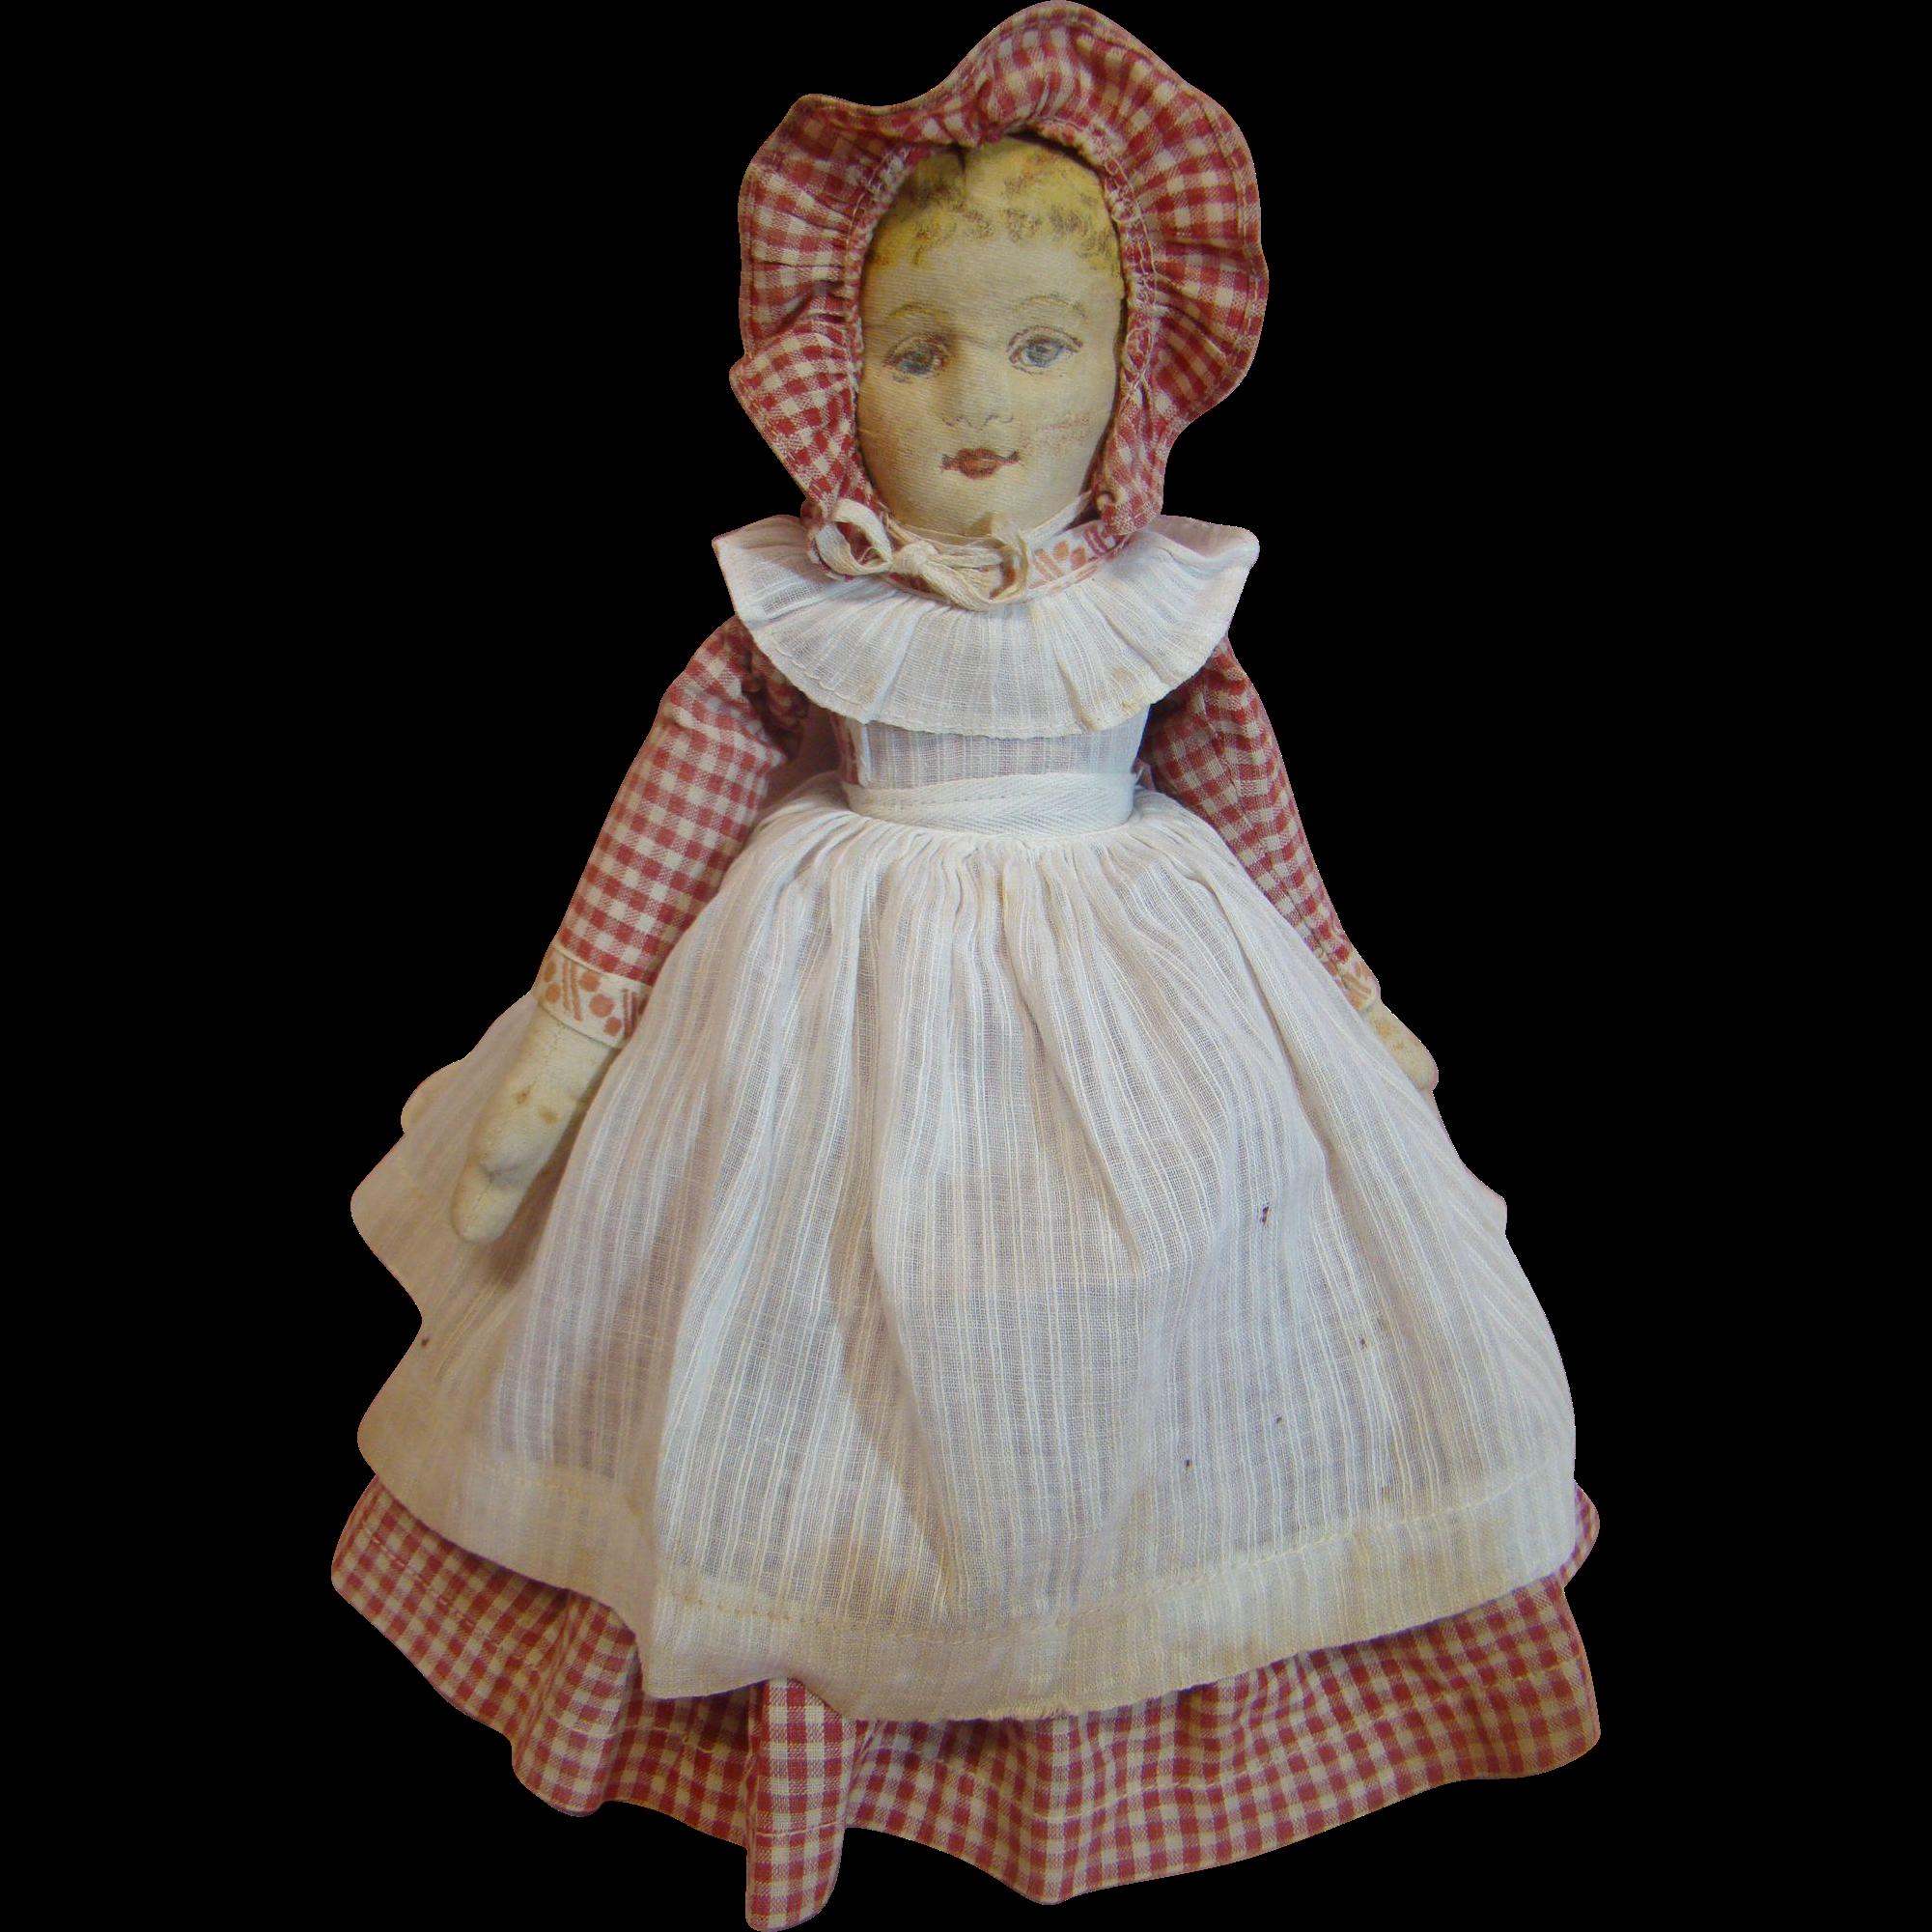 Doll clipart porcelain doll. Rag png transparent images